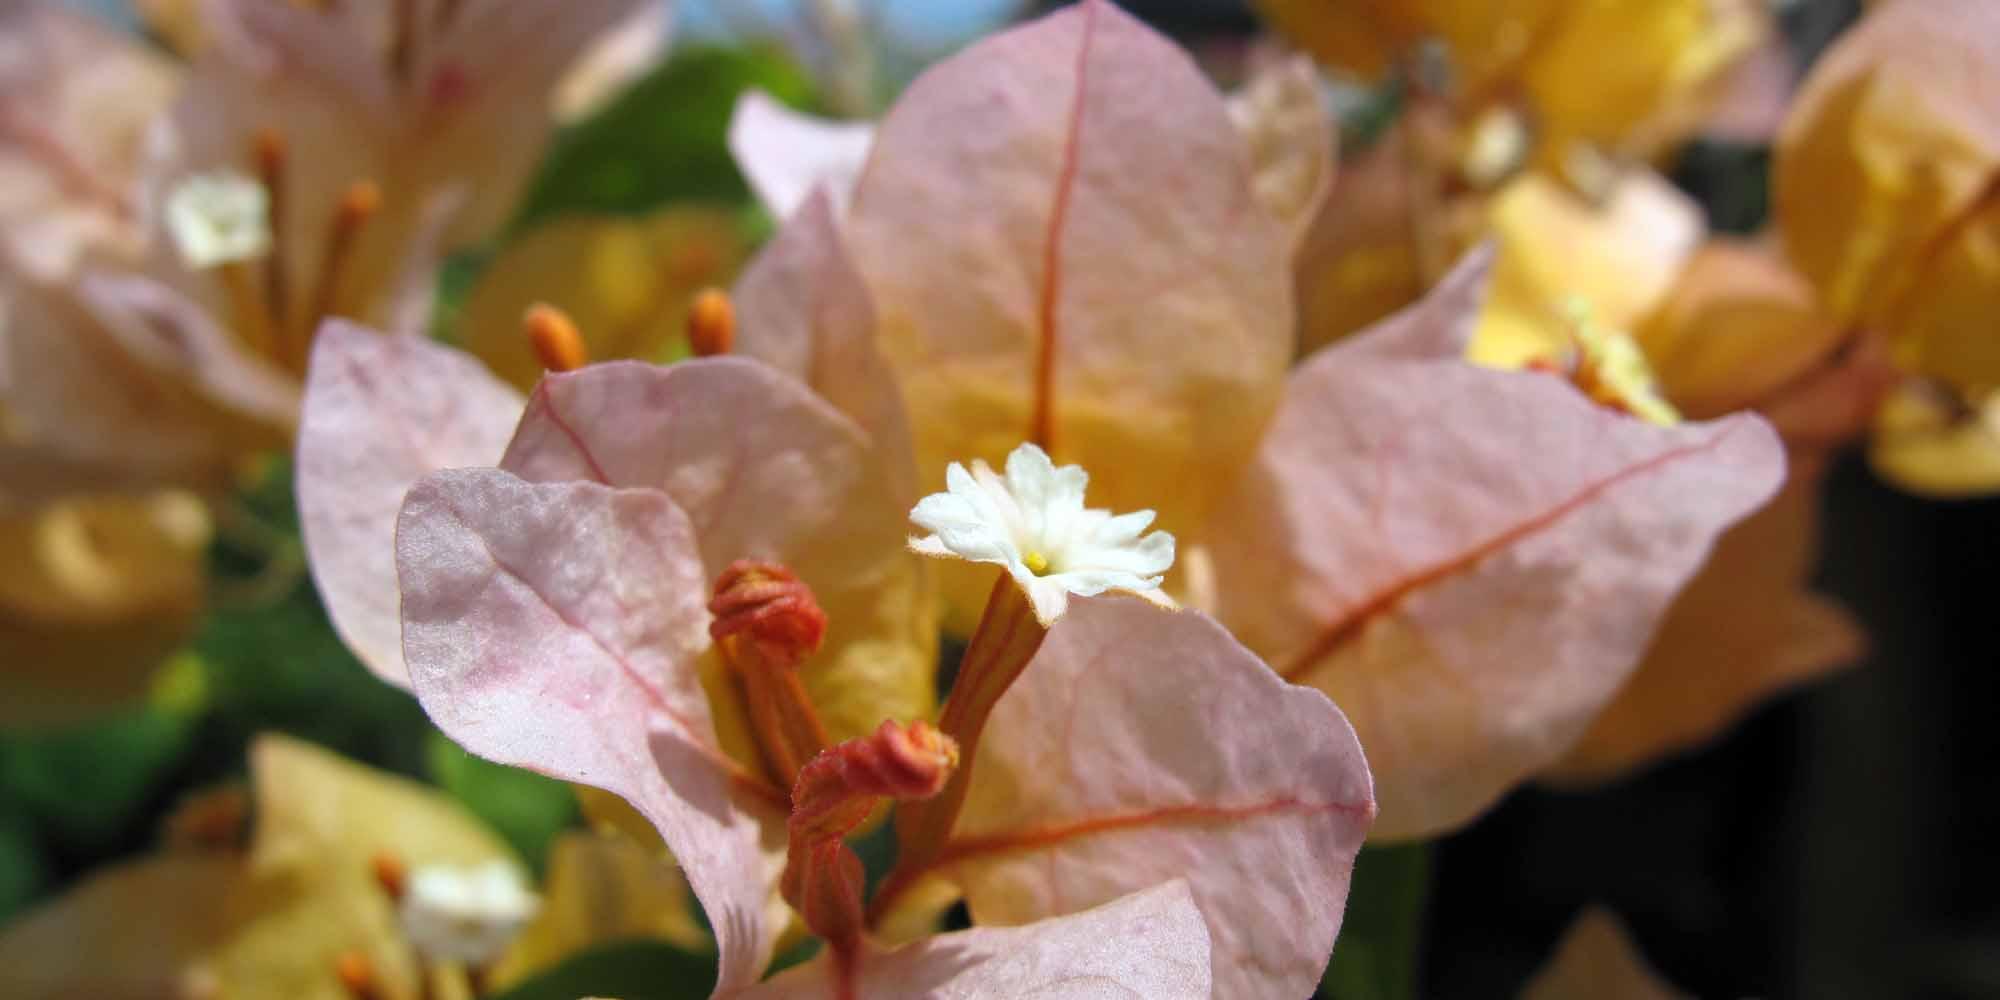 phuket-2010-flower.jpg